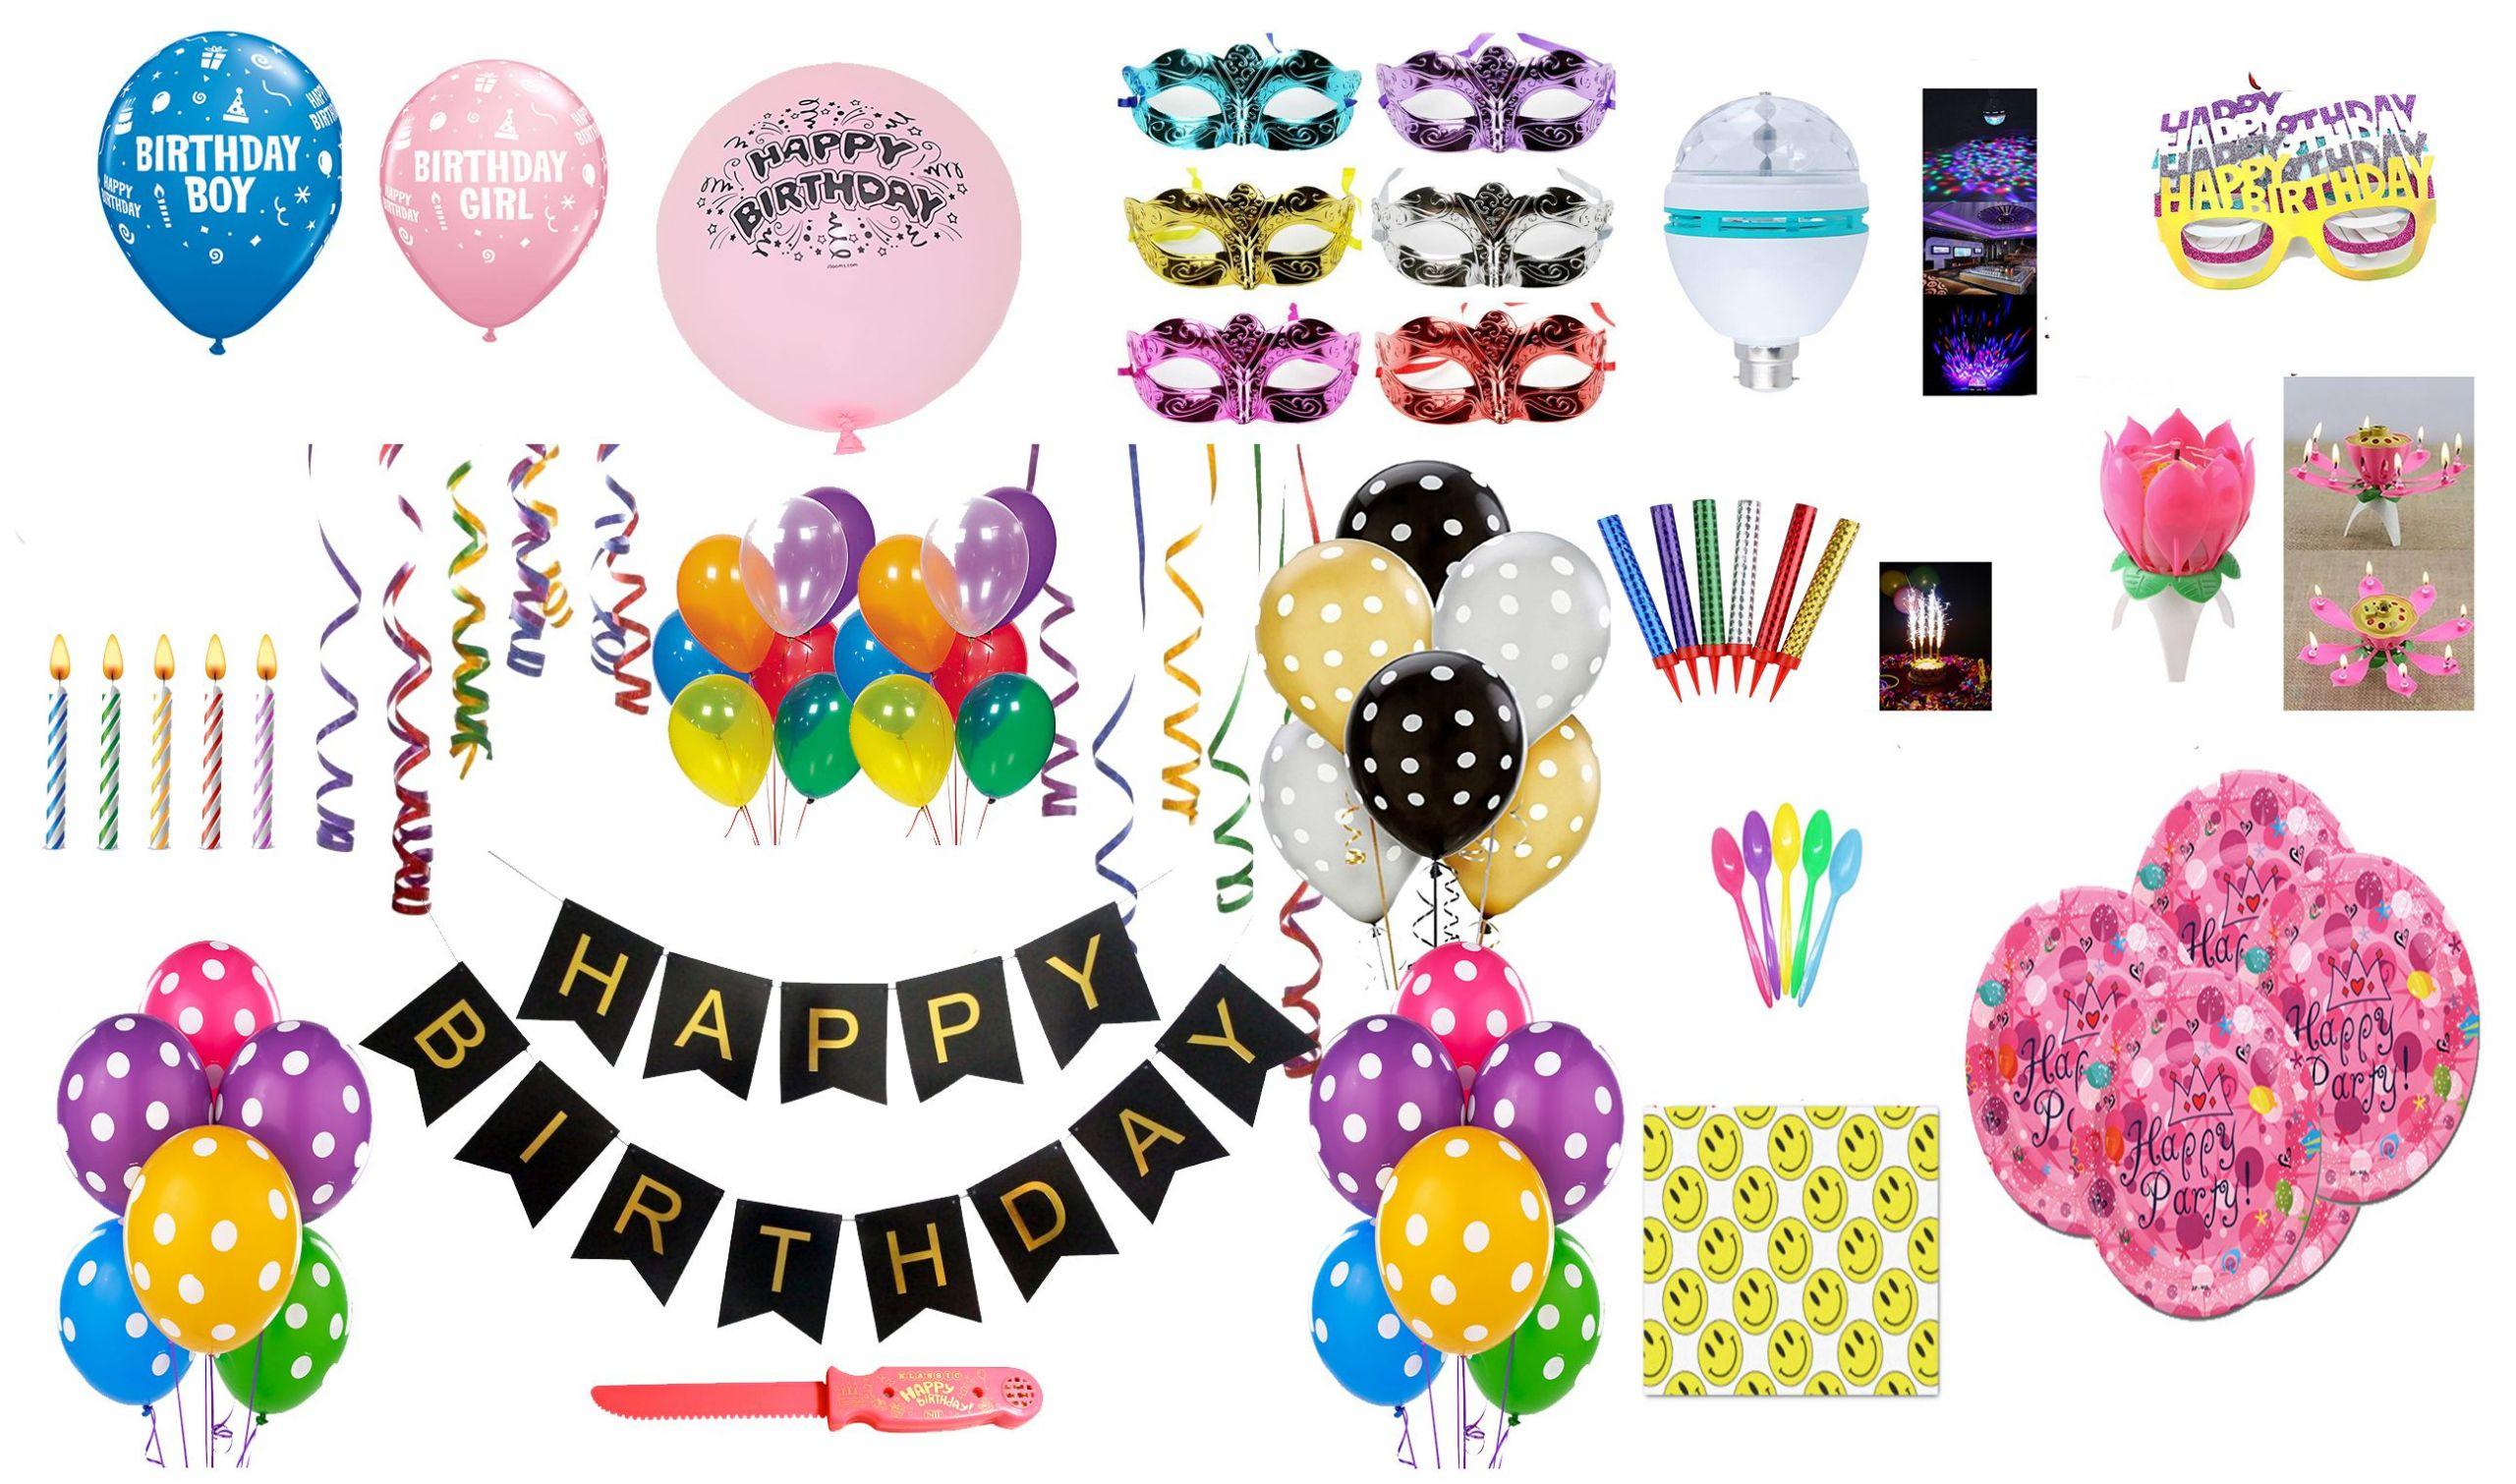 Birthday Room Decoration Kit SDL 1 af6d3